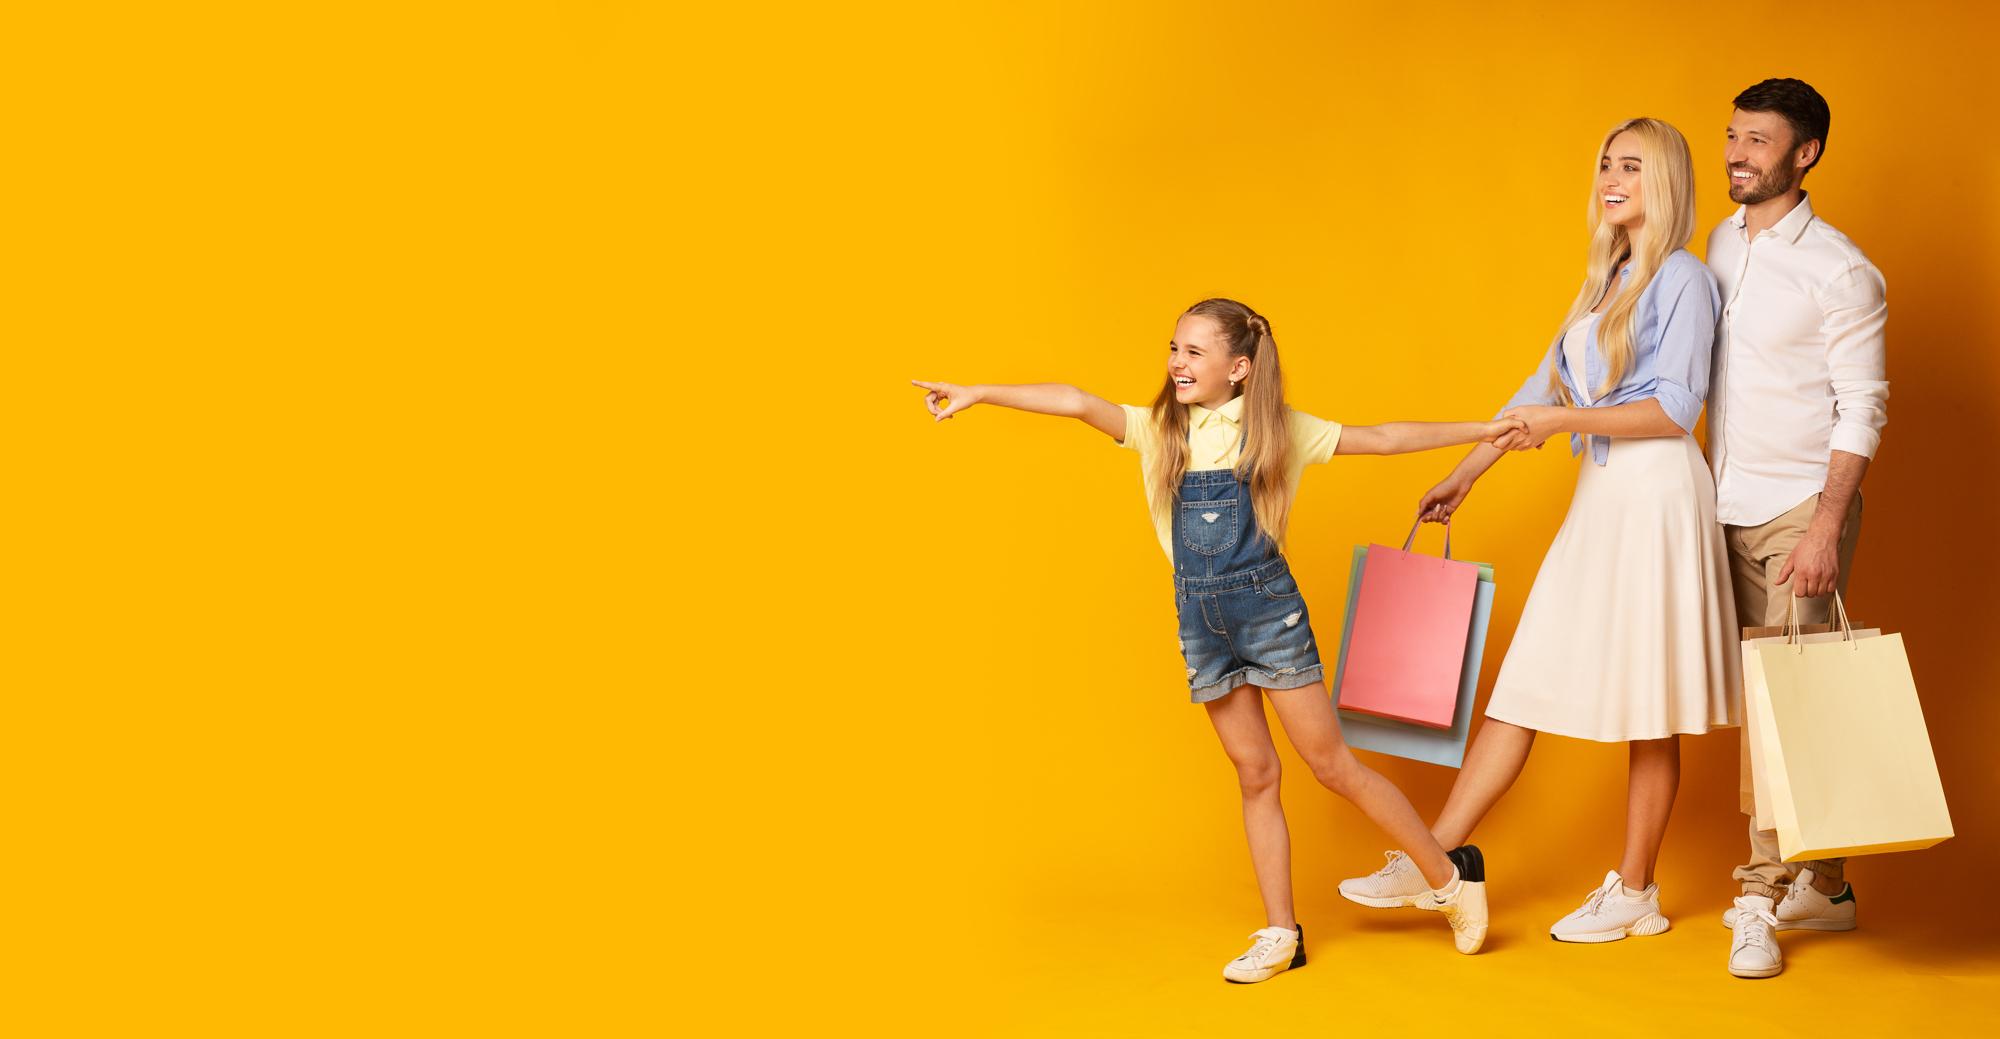 Kinderprogramme für Shoppingcenter - Profitieren Sie von unserer Erfahrung